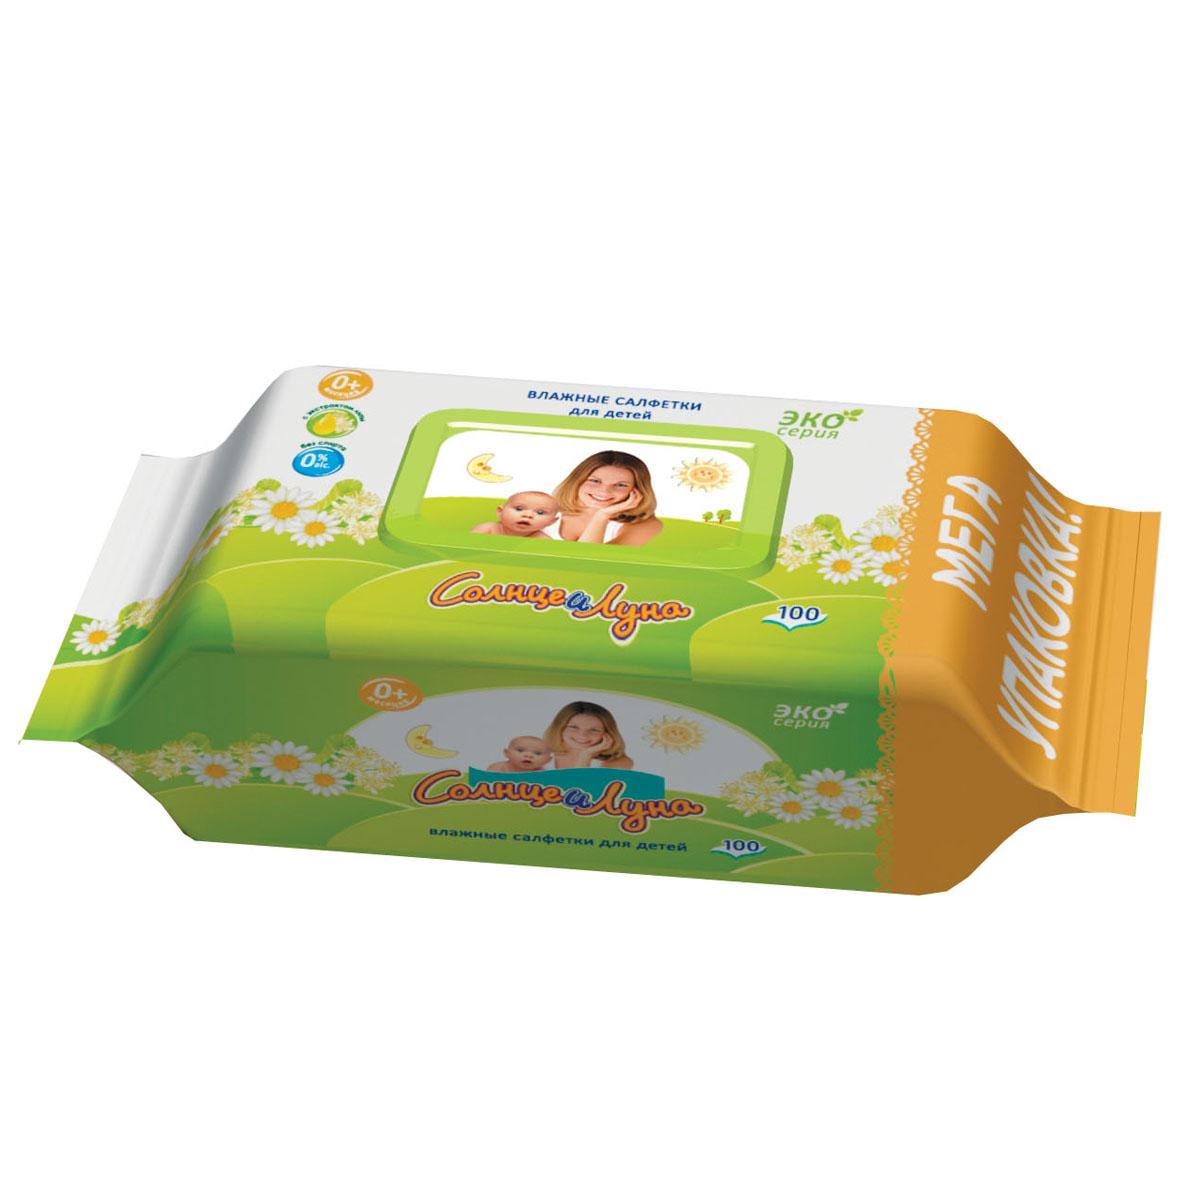 Солнце и Луна Влажные салфетки для детей, 100 шт5499Влажные салфетки для детей Солнце и Луна созданы специально для очищения нежной детской кожи.Основные качества влажных салфеток для детей: Нежные салфетки очищают и увлажняют кожу малыша, обладают антисептическими свойствами. Материал салфетки пропитан гипоаллергенным составом, поддерживающим естественный рН баланс кожи ребенка. Не содержат спирта и не вызывают аллергии или раздражения. Незаменимы для ежедневного ухода за кожей ребенка. Характеристики:Размер упаковки: 19 см х 8 см х 10 см. Количество салфеток: 100 шт. Производитель:Турция Товар сертифицирован.